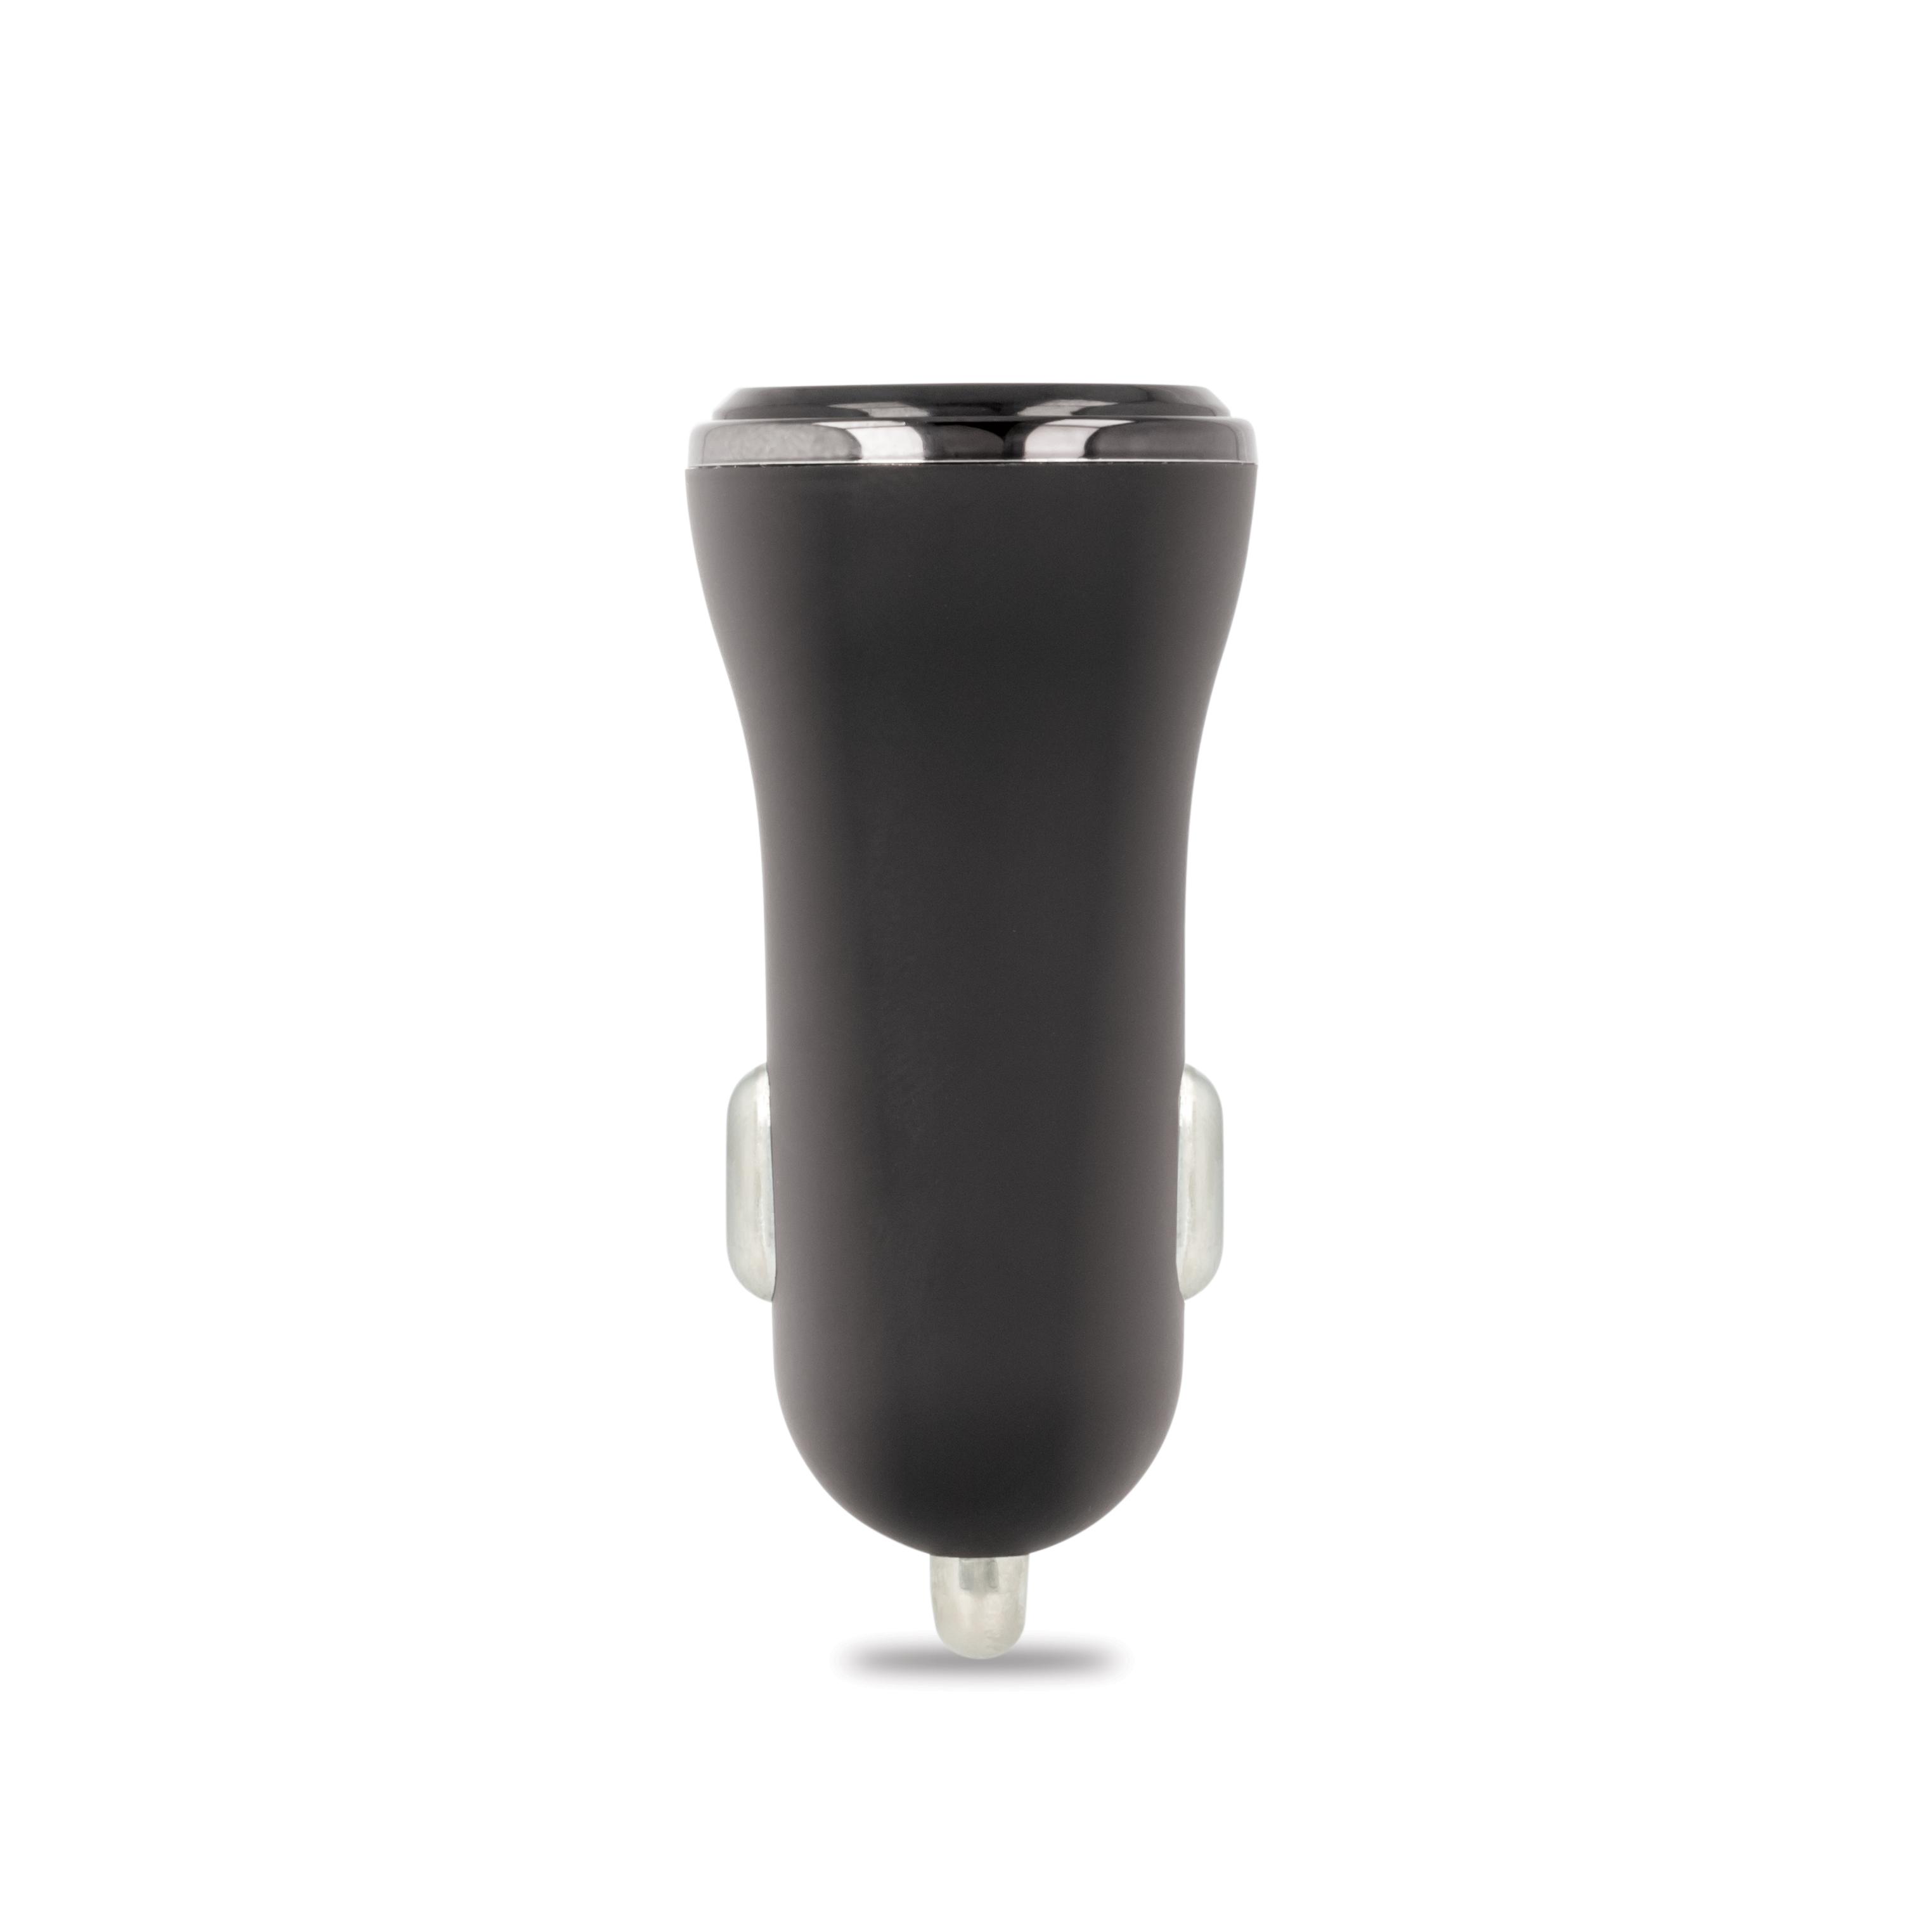 Ładowarka samochodowa Forever CC-03 (2x USB | 2,4 A) + kabel Lightining do iPhone 8-pin / 2